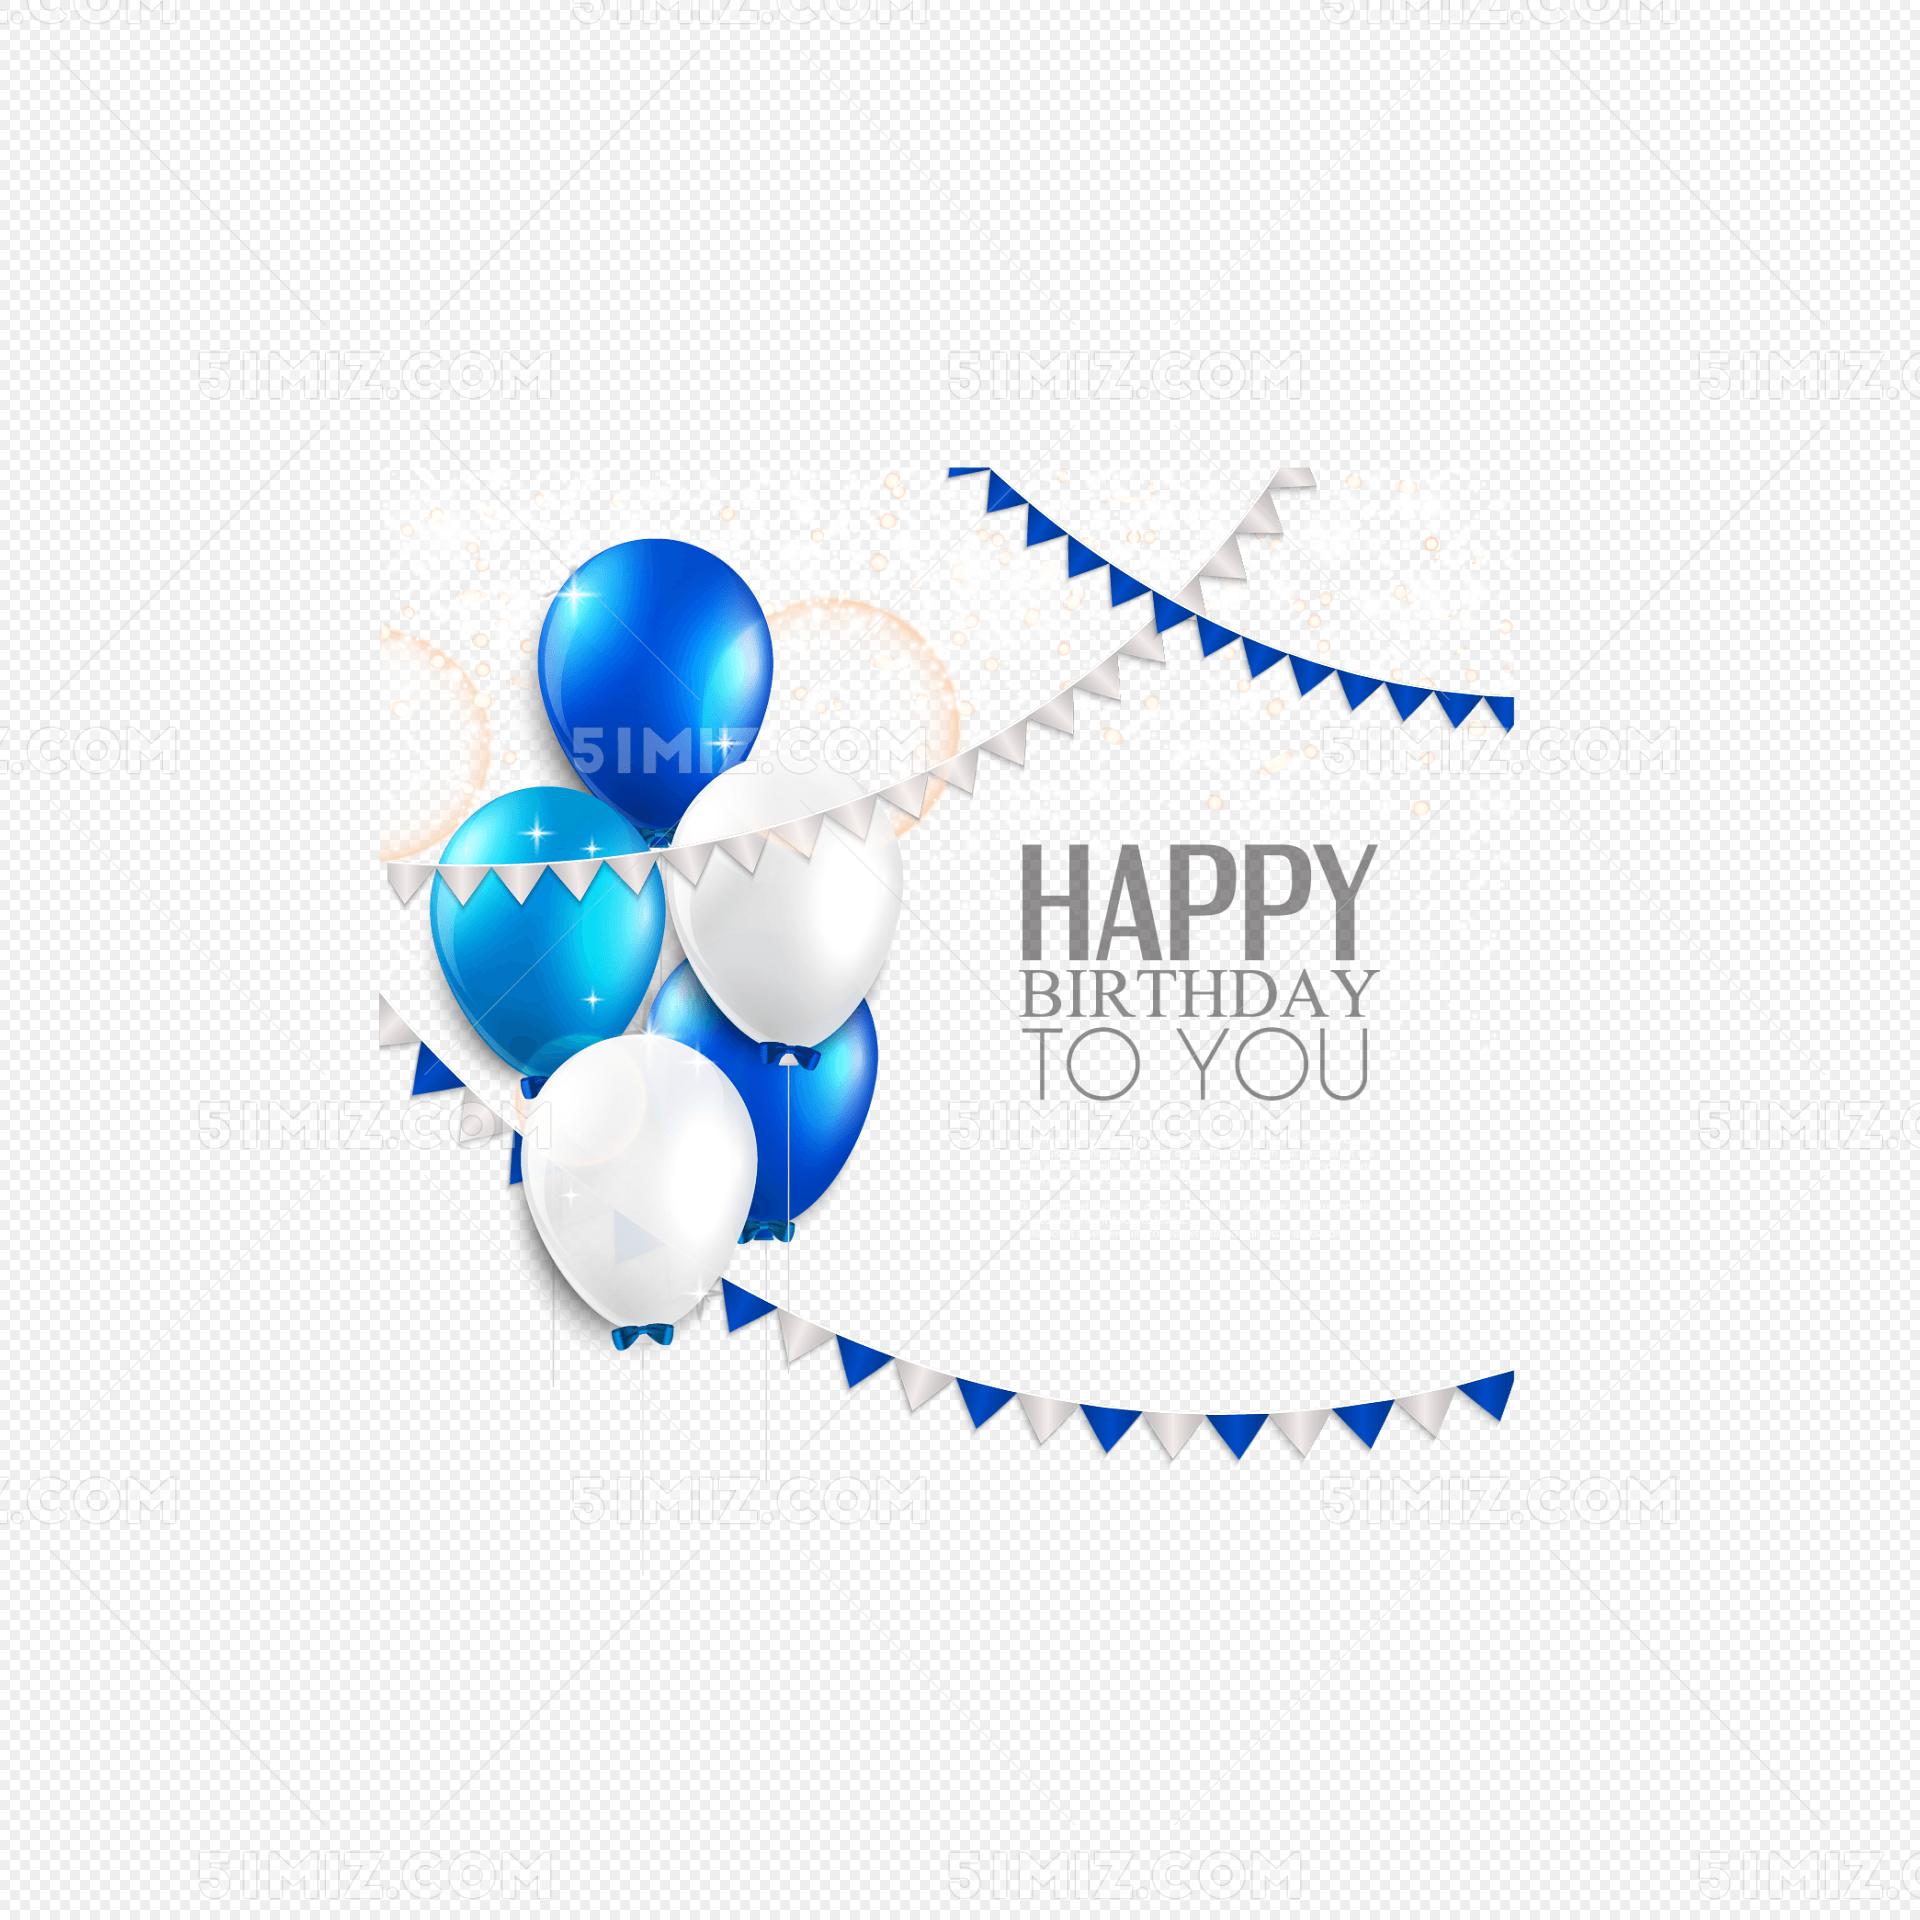 精美蓝白气球生日贺卡矢量图片素材免费下载_觅知网